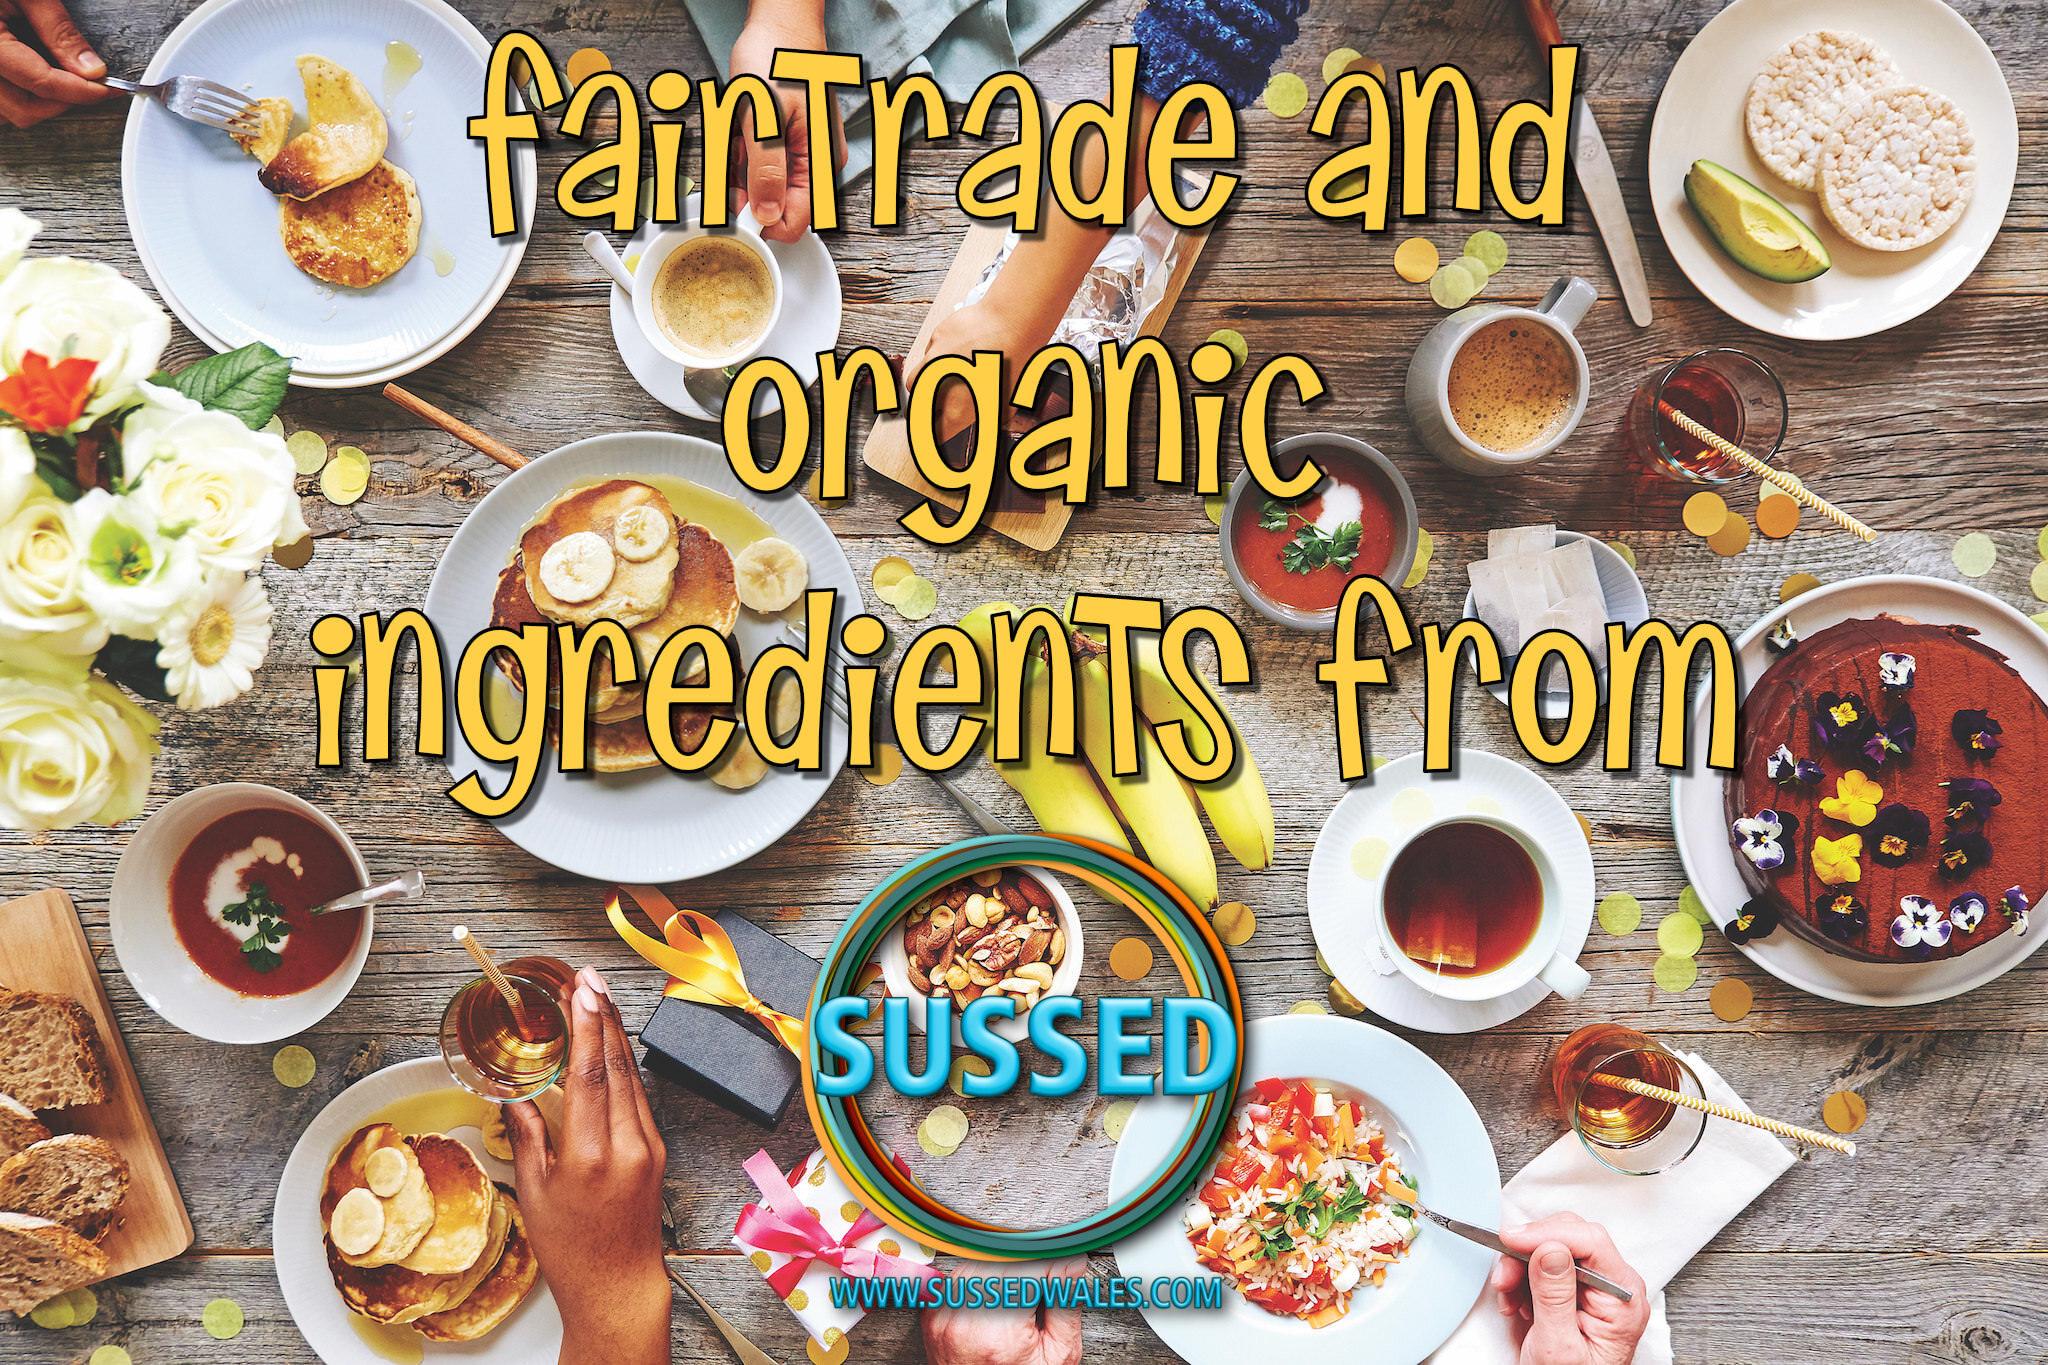 Food ingredients sussed.jpg